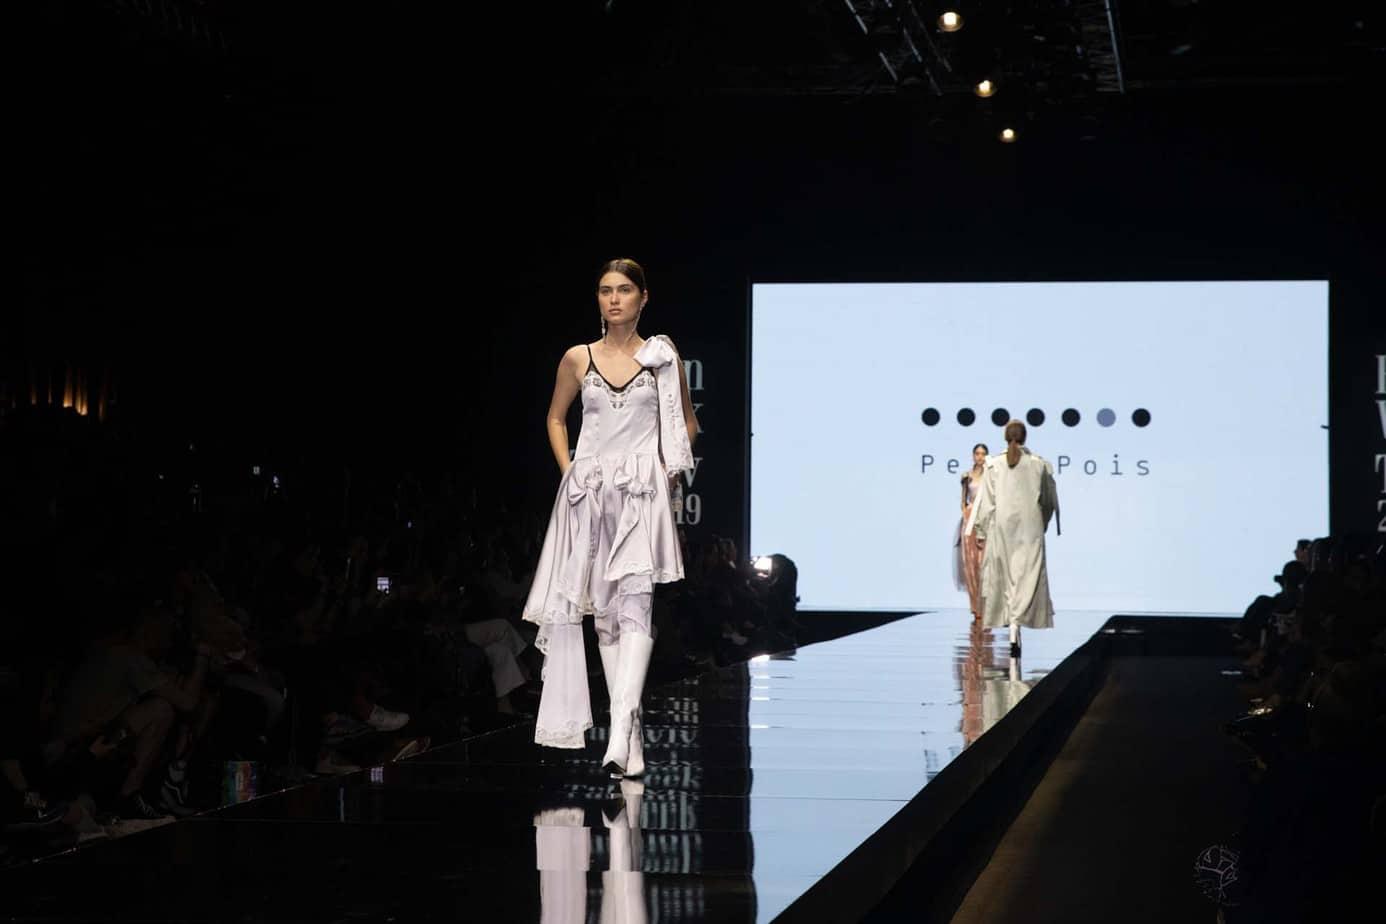 חממת מפעל הפיס. שבוע האופנה תל אביב 2019. צילום עומר קפלן - 11